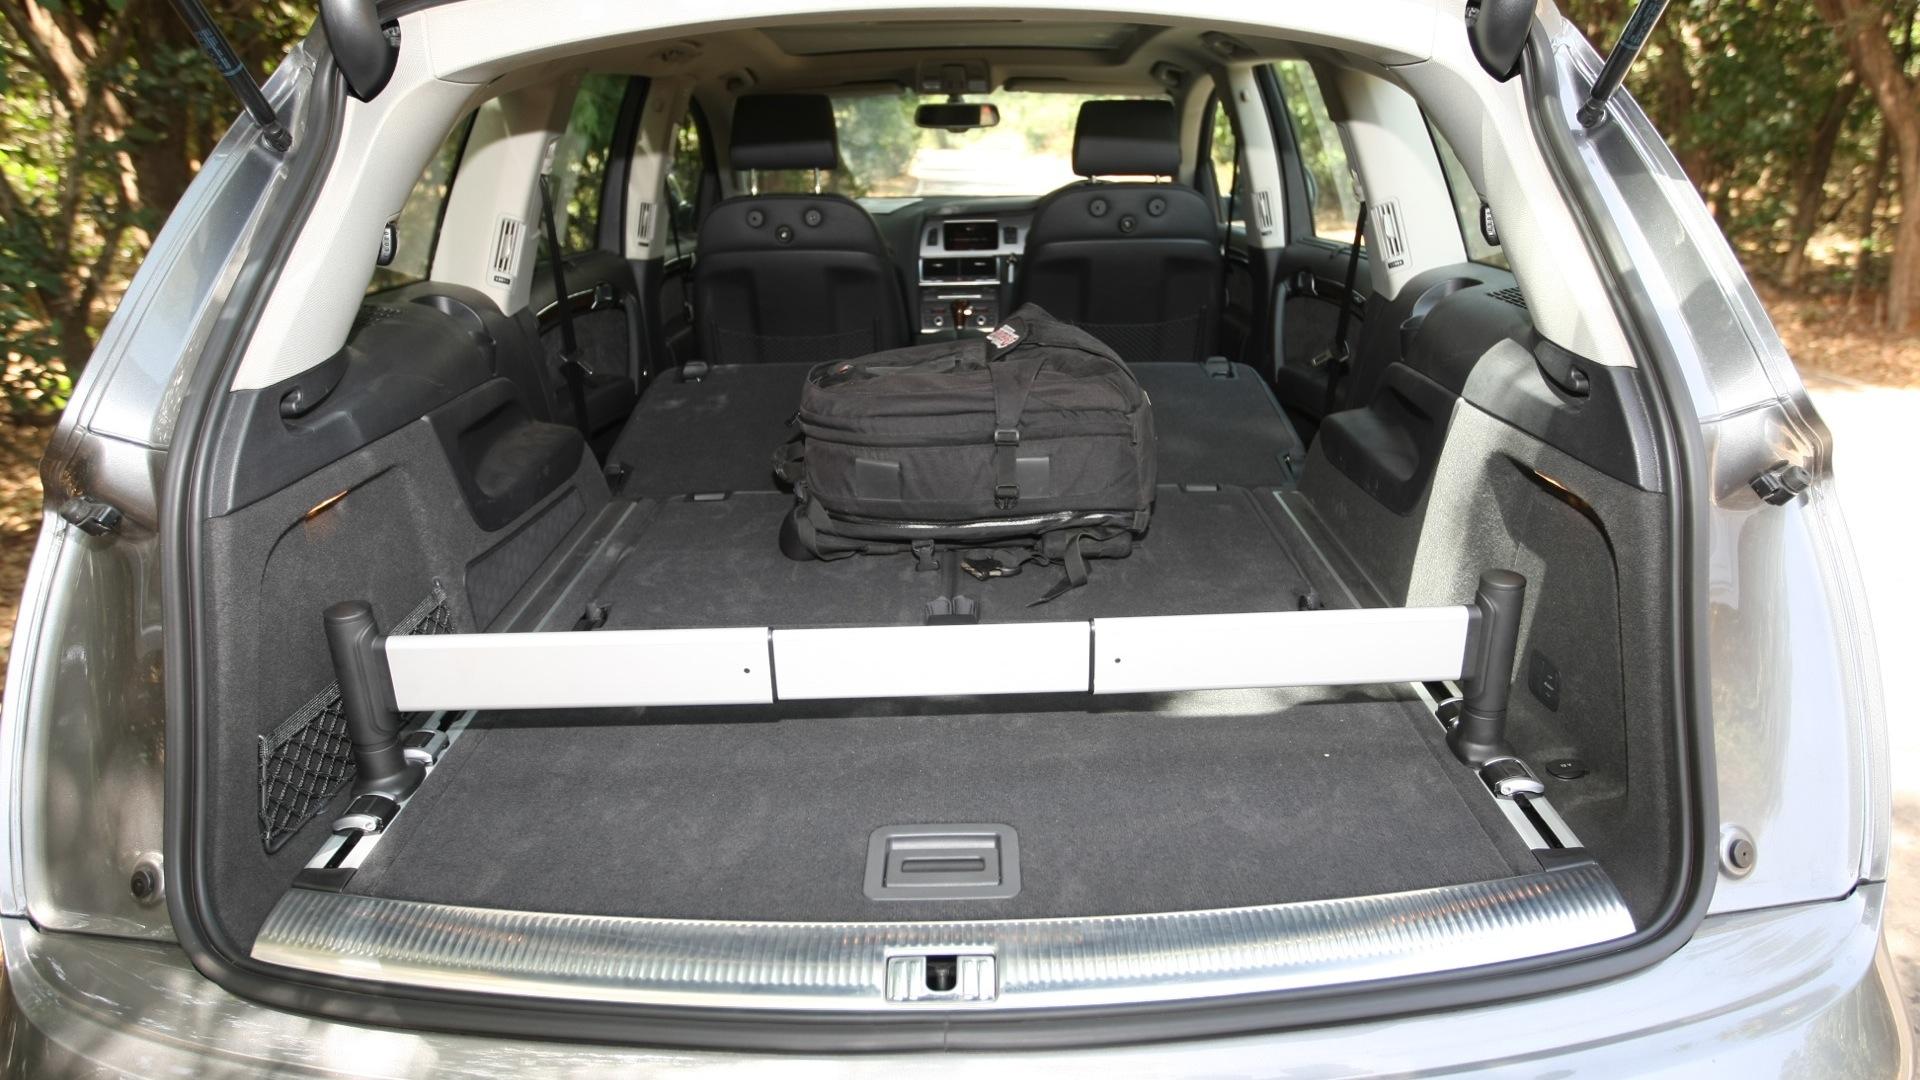 Audi-Q7-2012-3-0TDI-Quattro-Interior